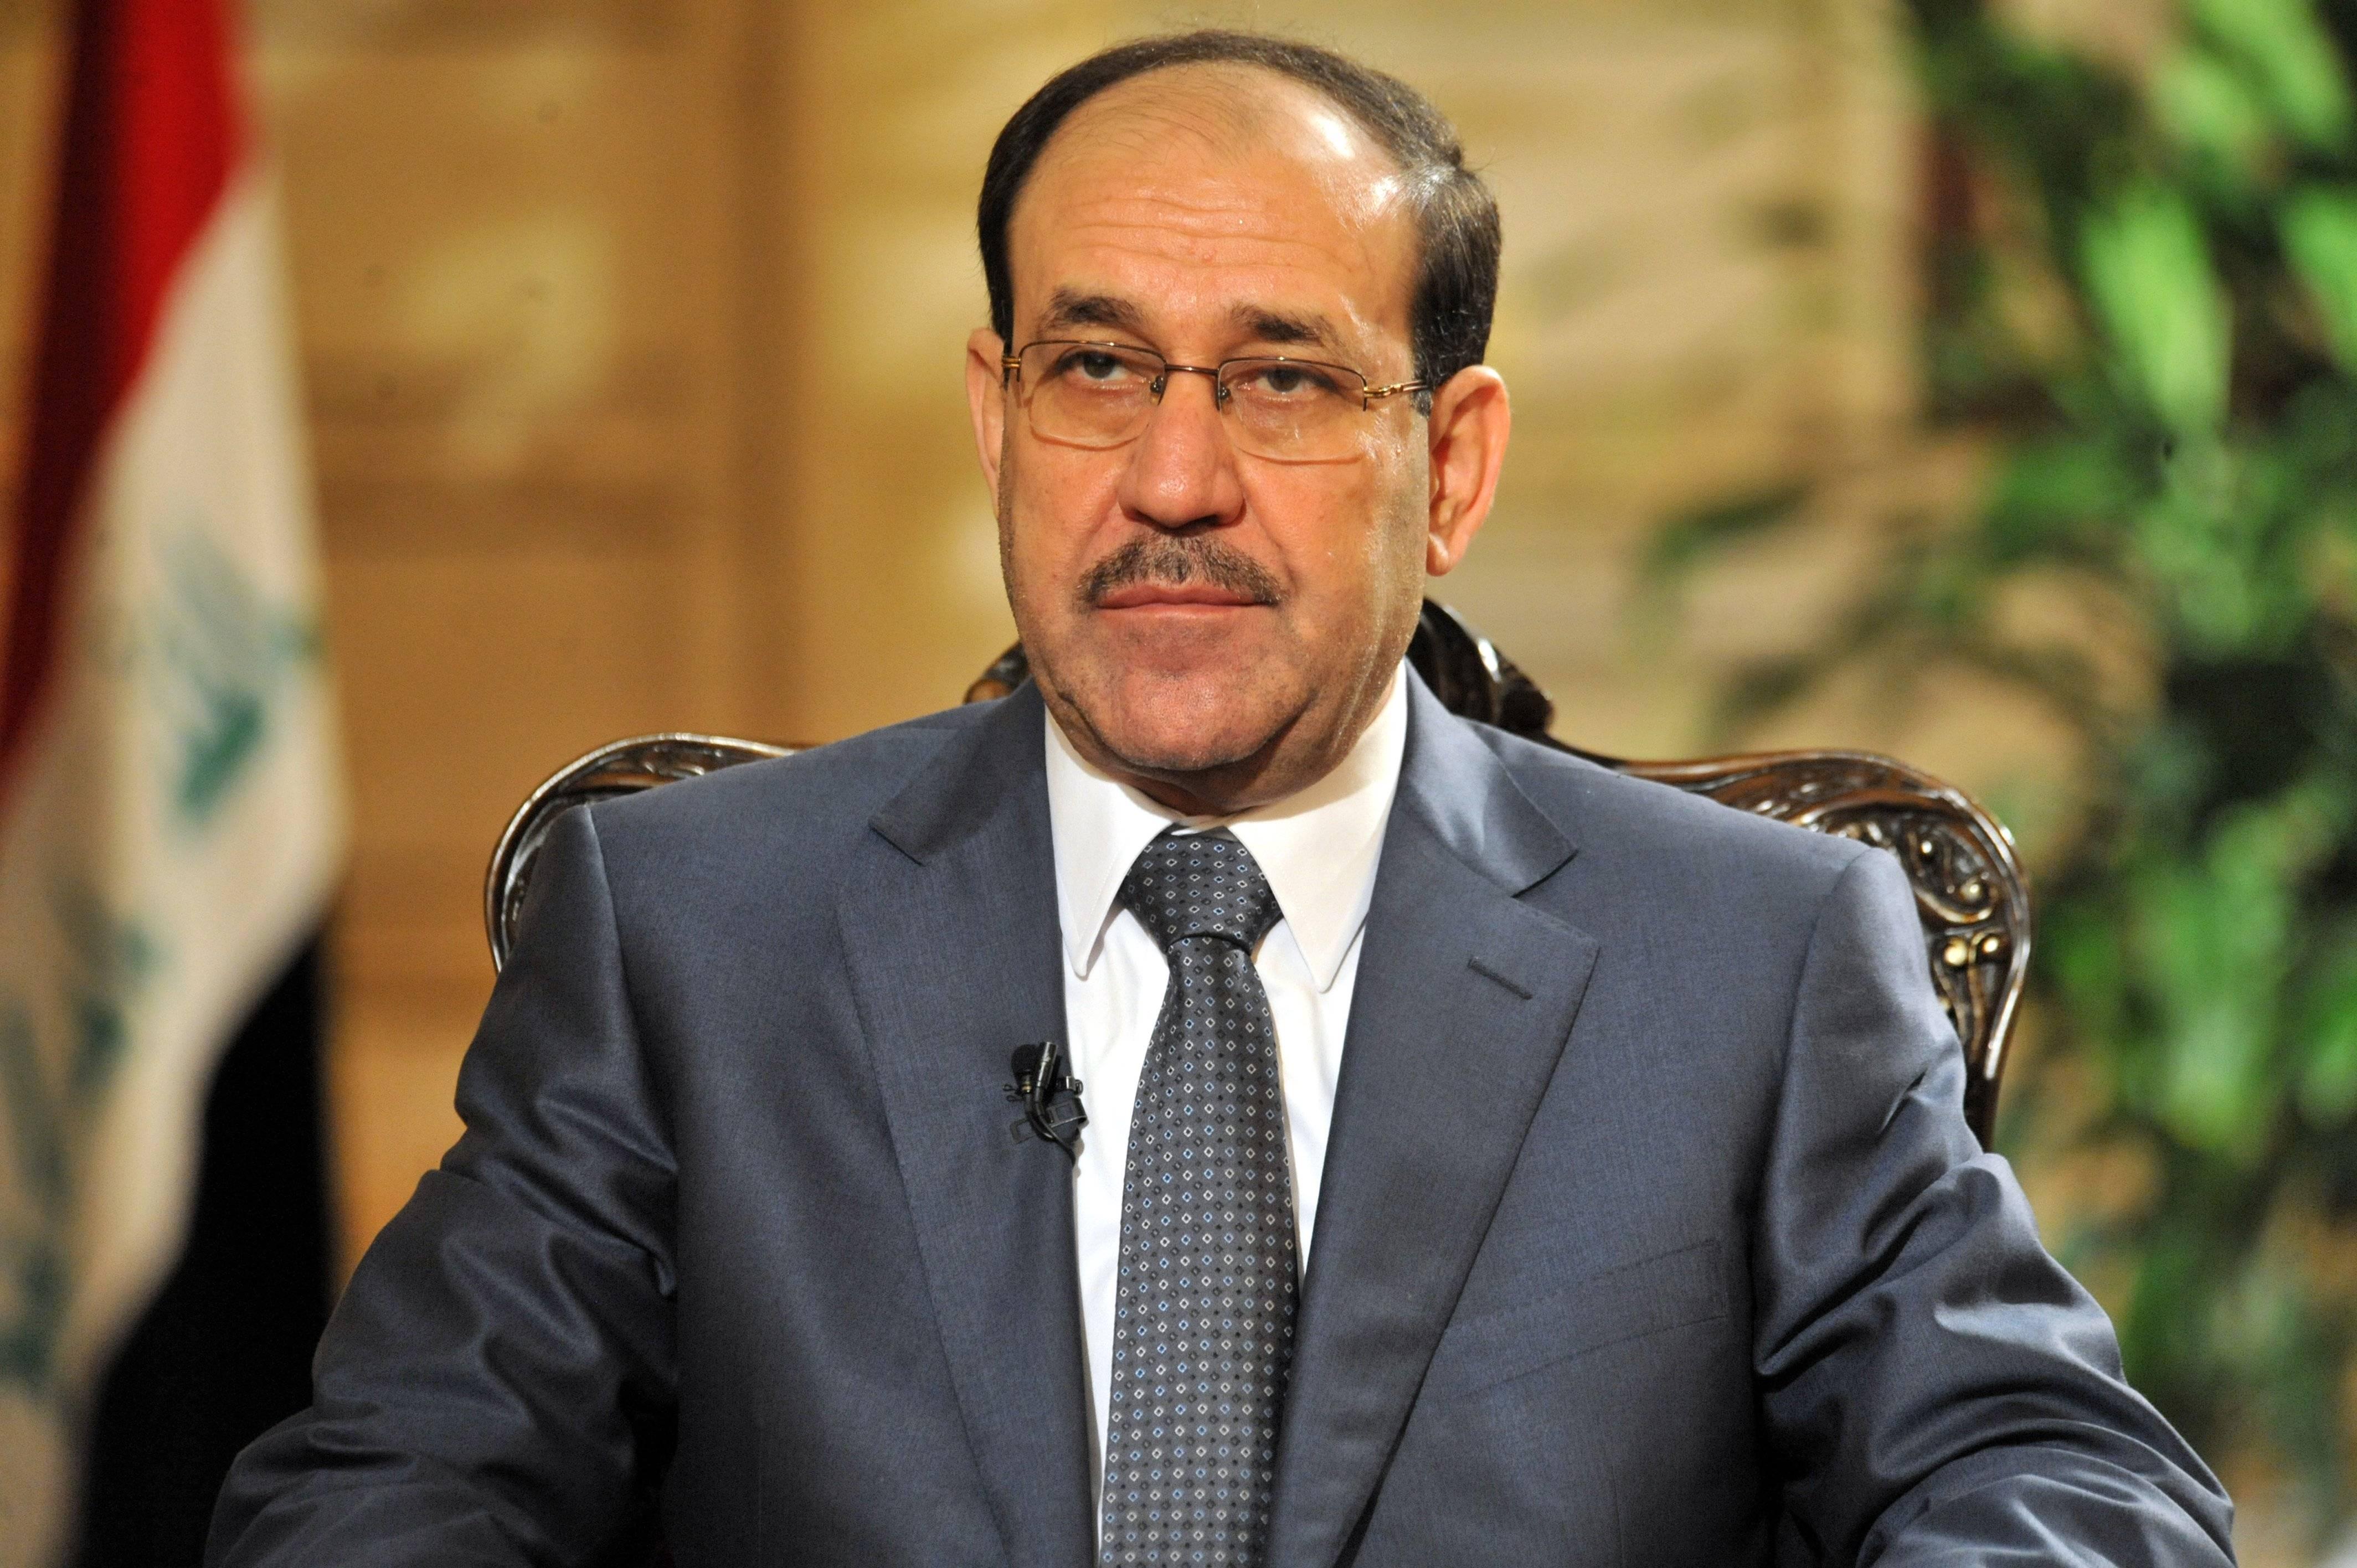 زعيم أئتلاف دولة القانون نوري المالكي لبرنامج سياسي الابعاد يكشف :